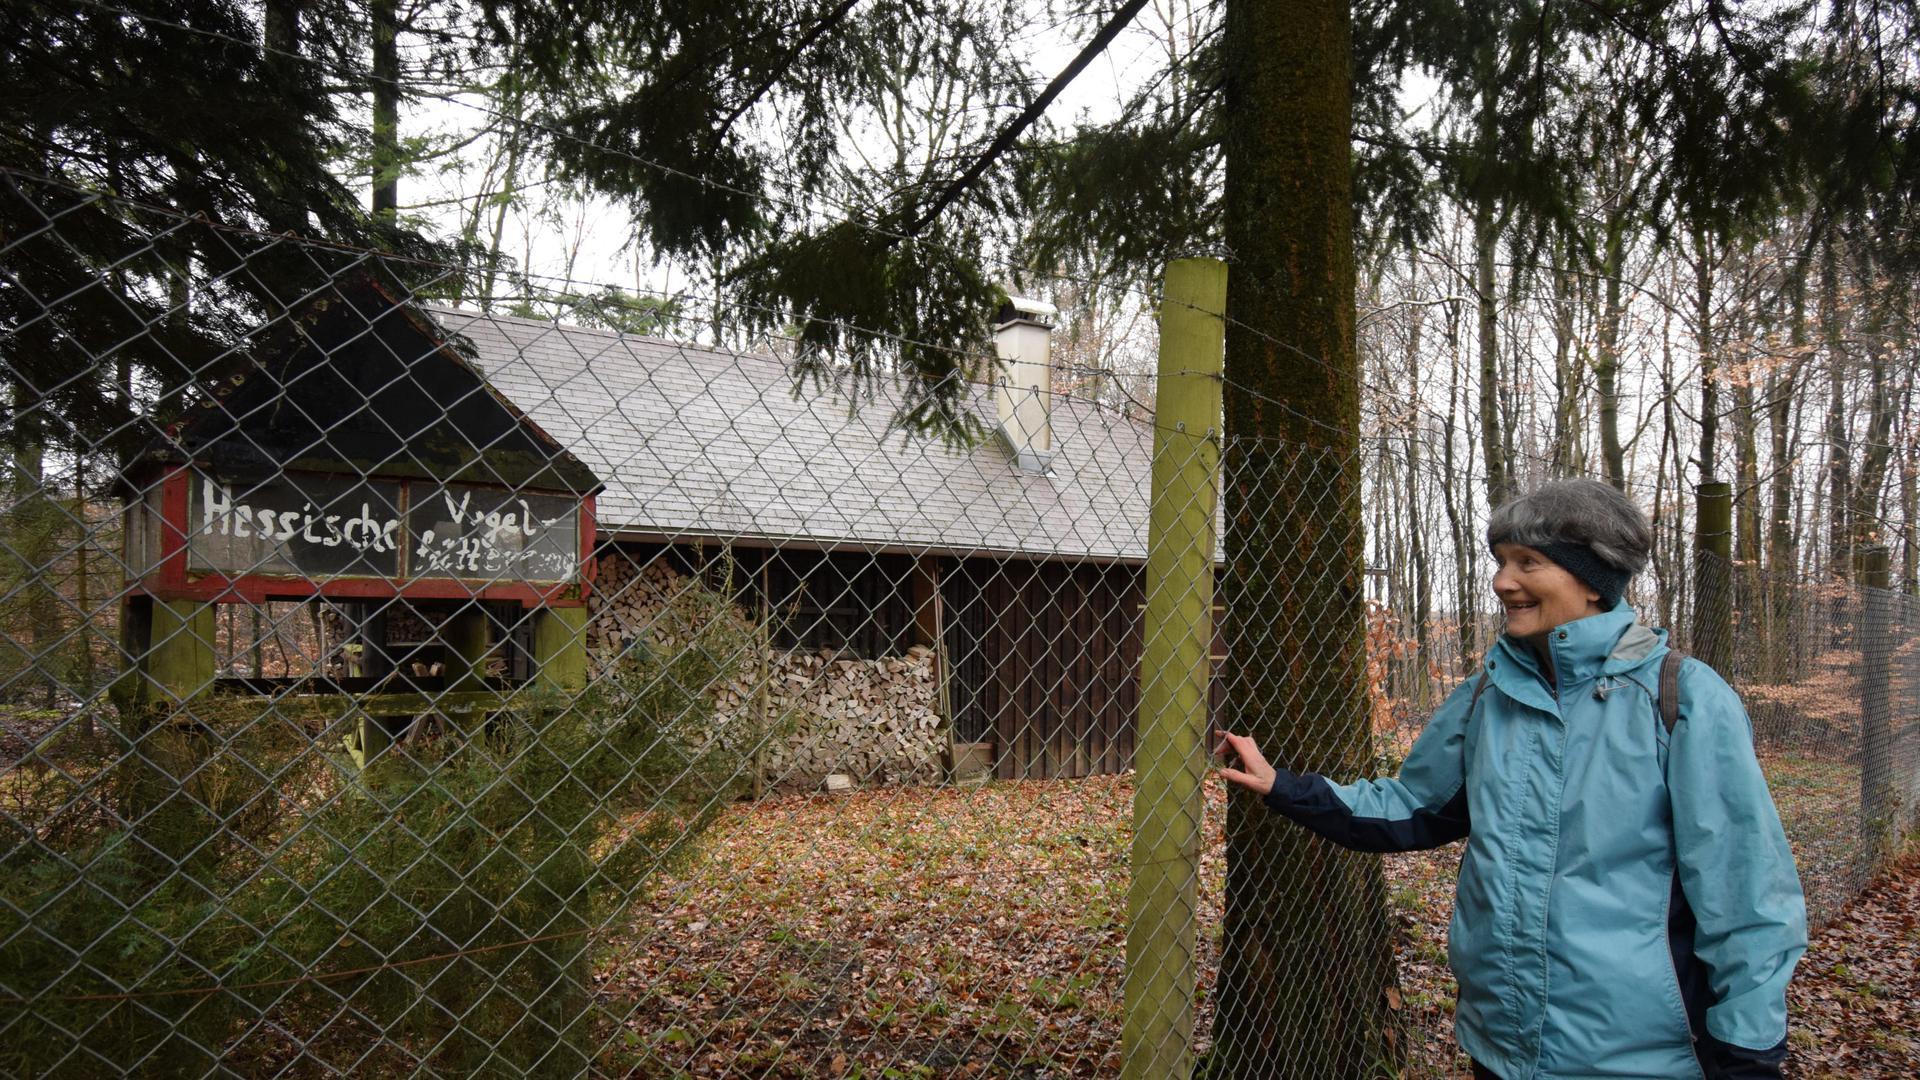 """BNN-Leserin Gaby Weber steht neben der Futterstelle mit der Aufschrift """"Hessische Vogelfütterung"""" an der Kreuzelberghütte im Ettlinger Wald."""